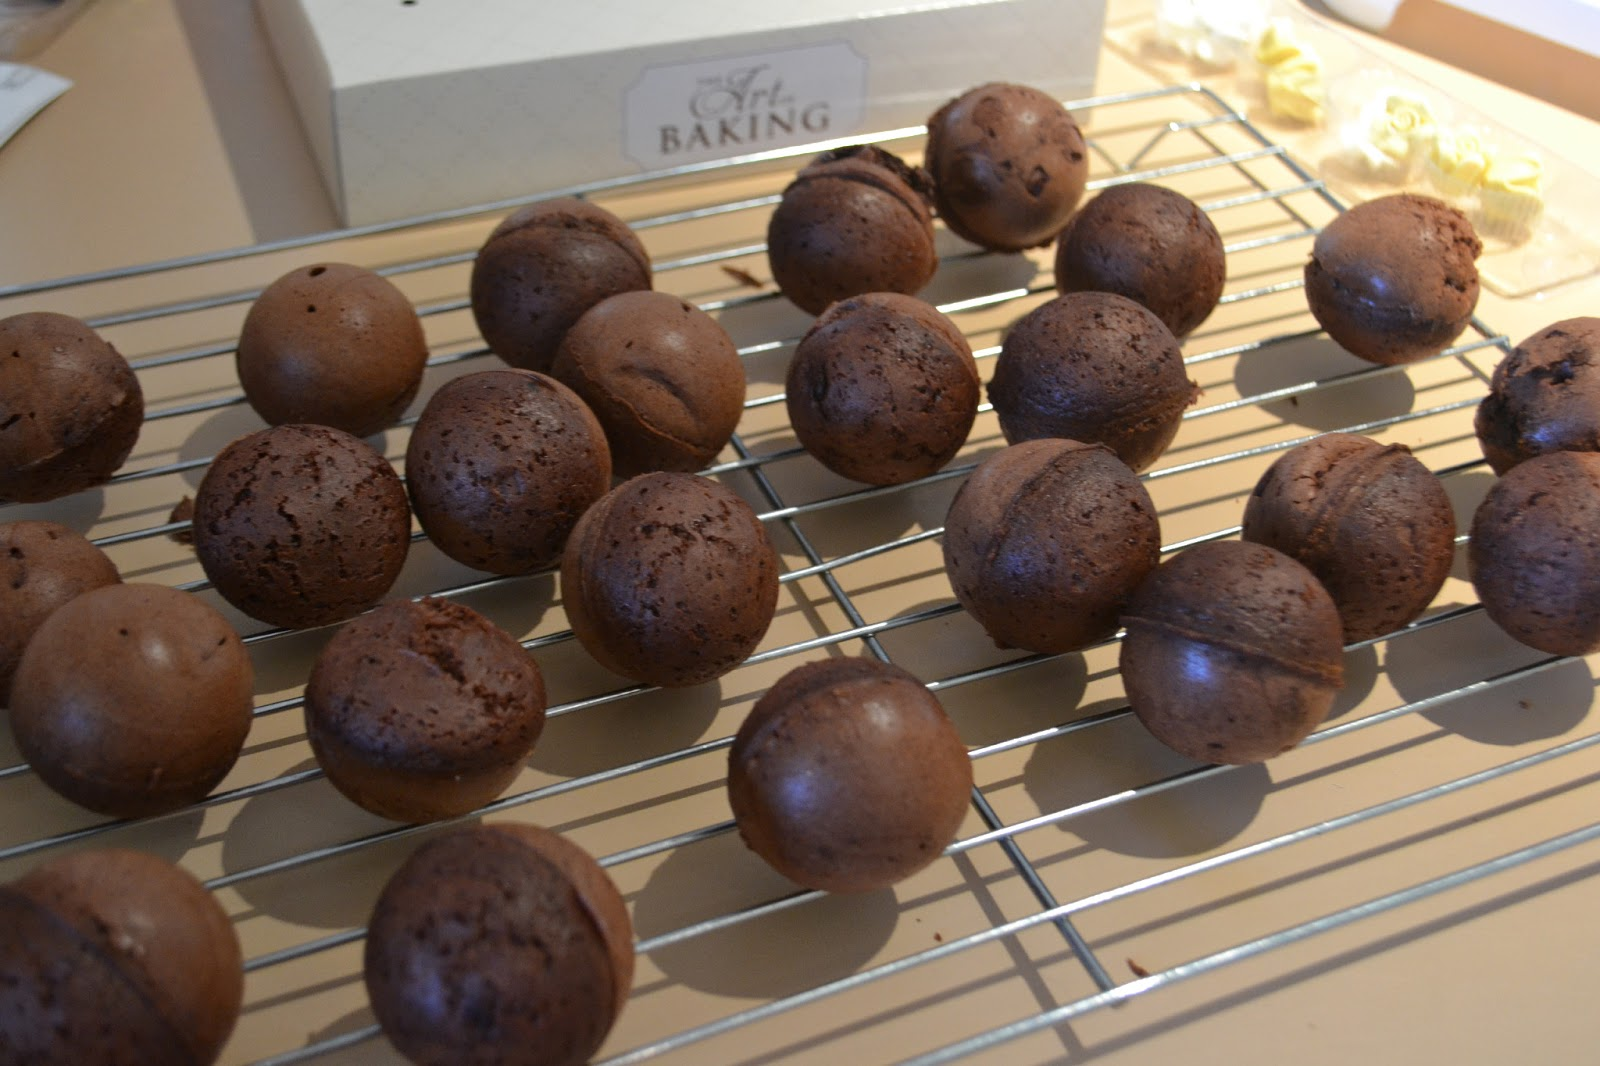 Lolipop Çikolata Nasıl Yapılır Resimli Tarif